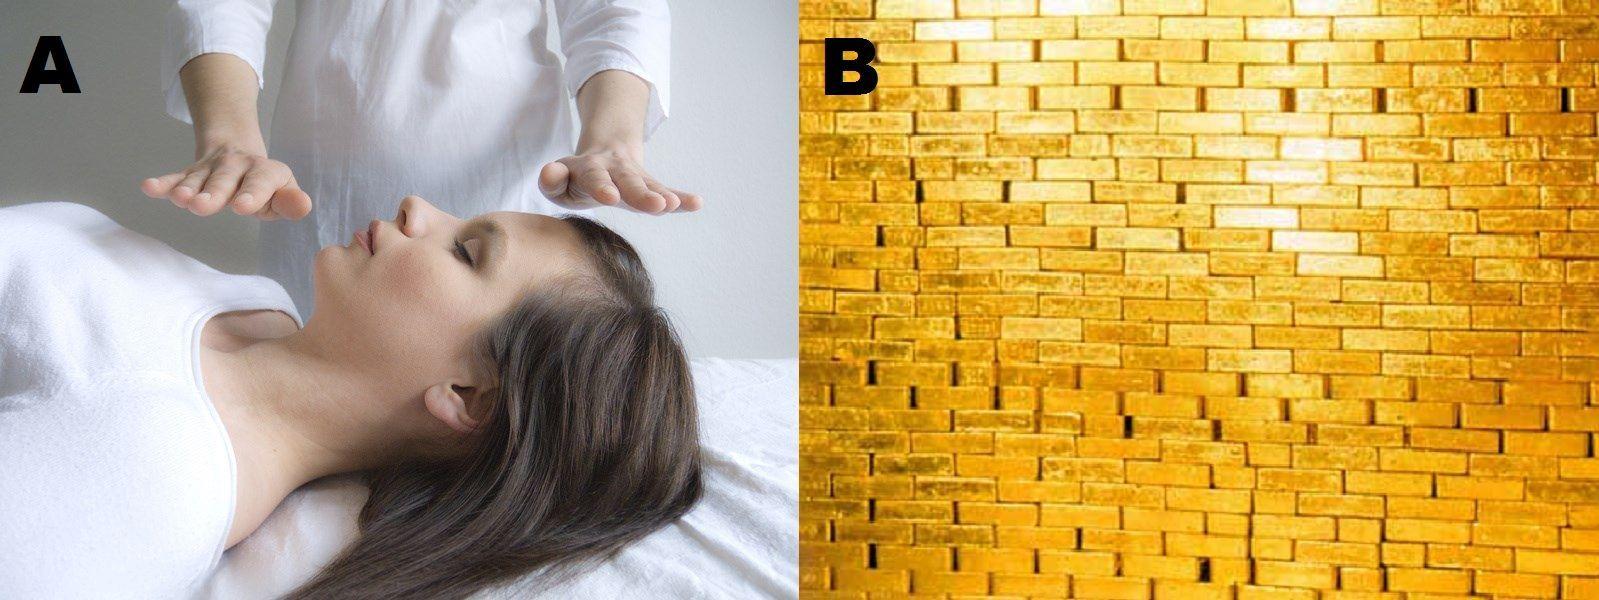 ¿En poder curar a personas que no conoces o en convertir lo que quieras en oro con sólo tocarlo excepto a personas y animales?